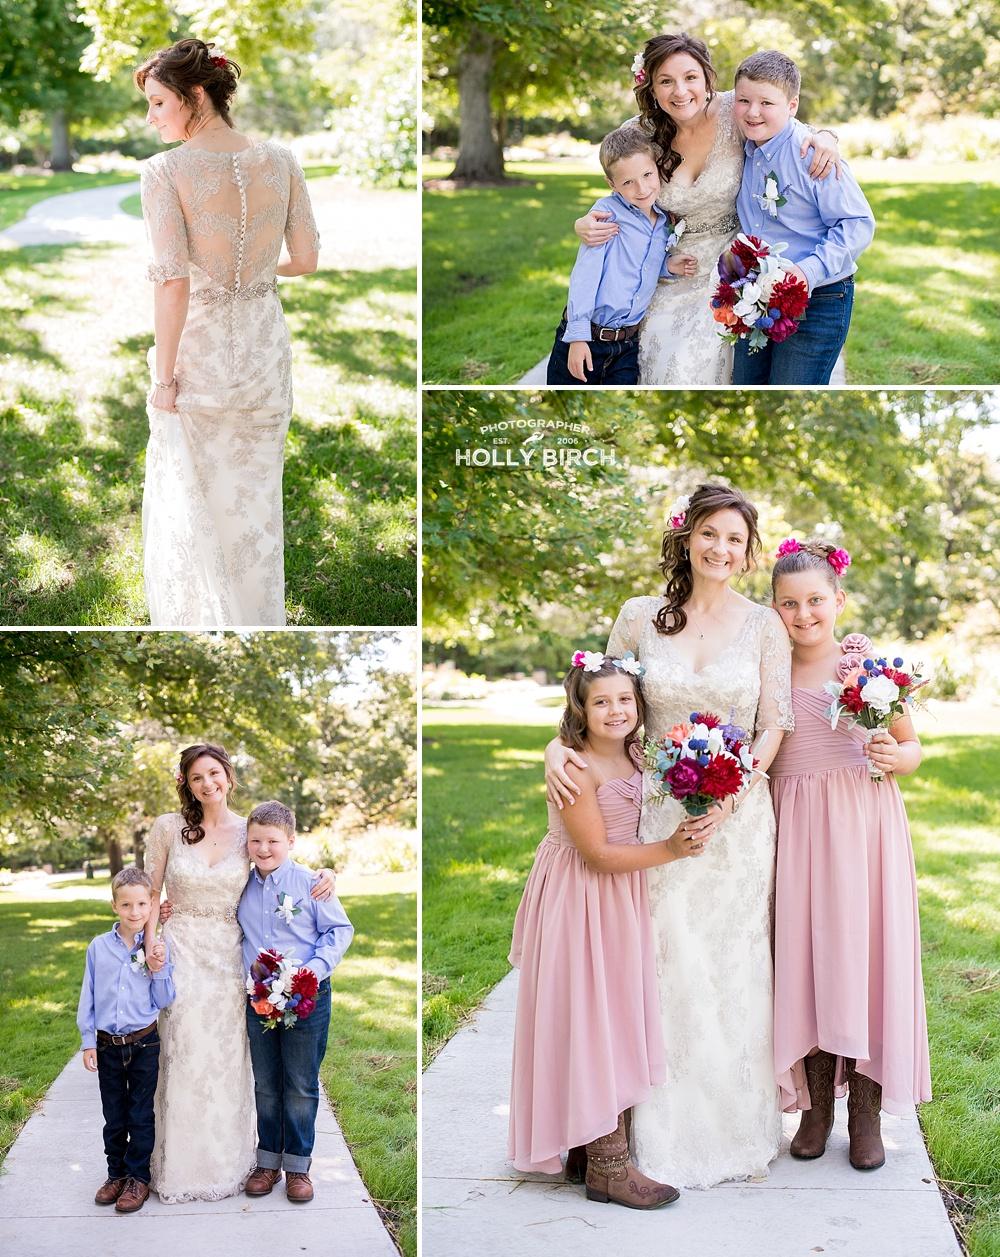 Lake-of-the-Woods-Mahomet-Grace-Church-blended-family-wedding_4710.jpg